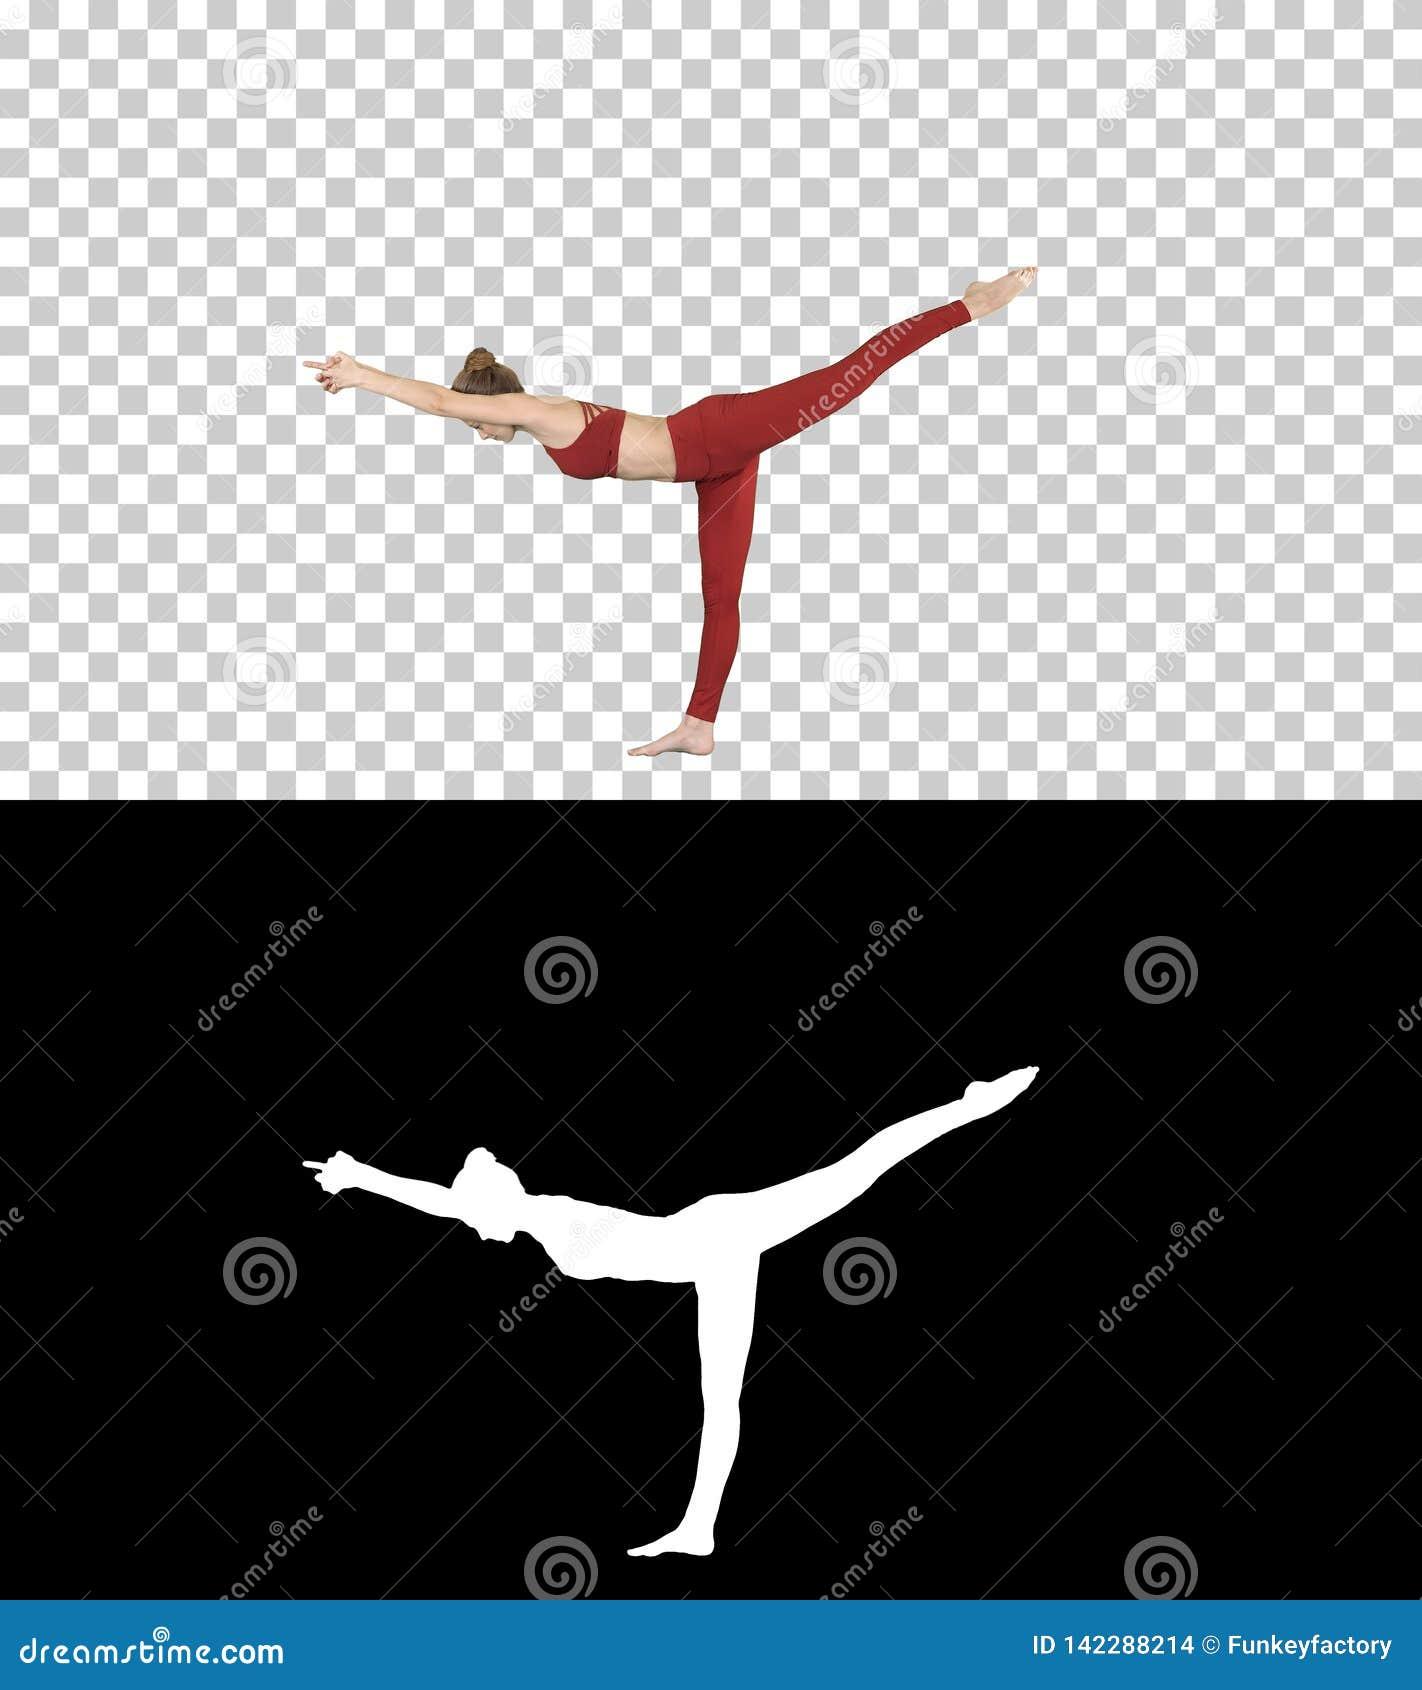 Tuladandasana ou pose de équilibrage de bâton est une posture avancée de yoga faite par le beau yogi femme, Alpha Channel